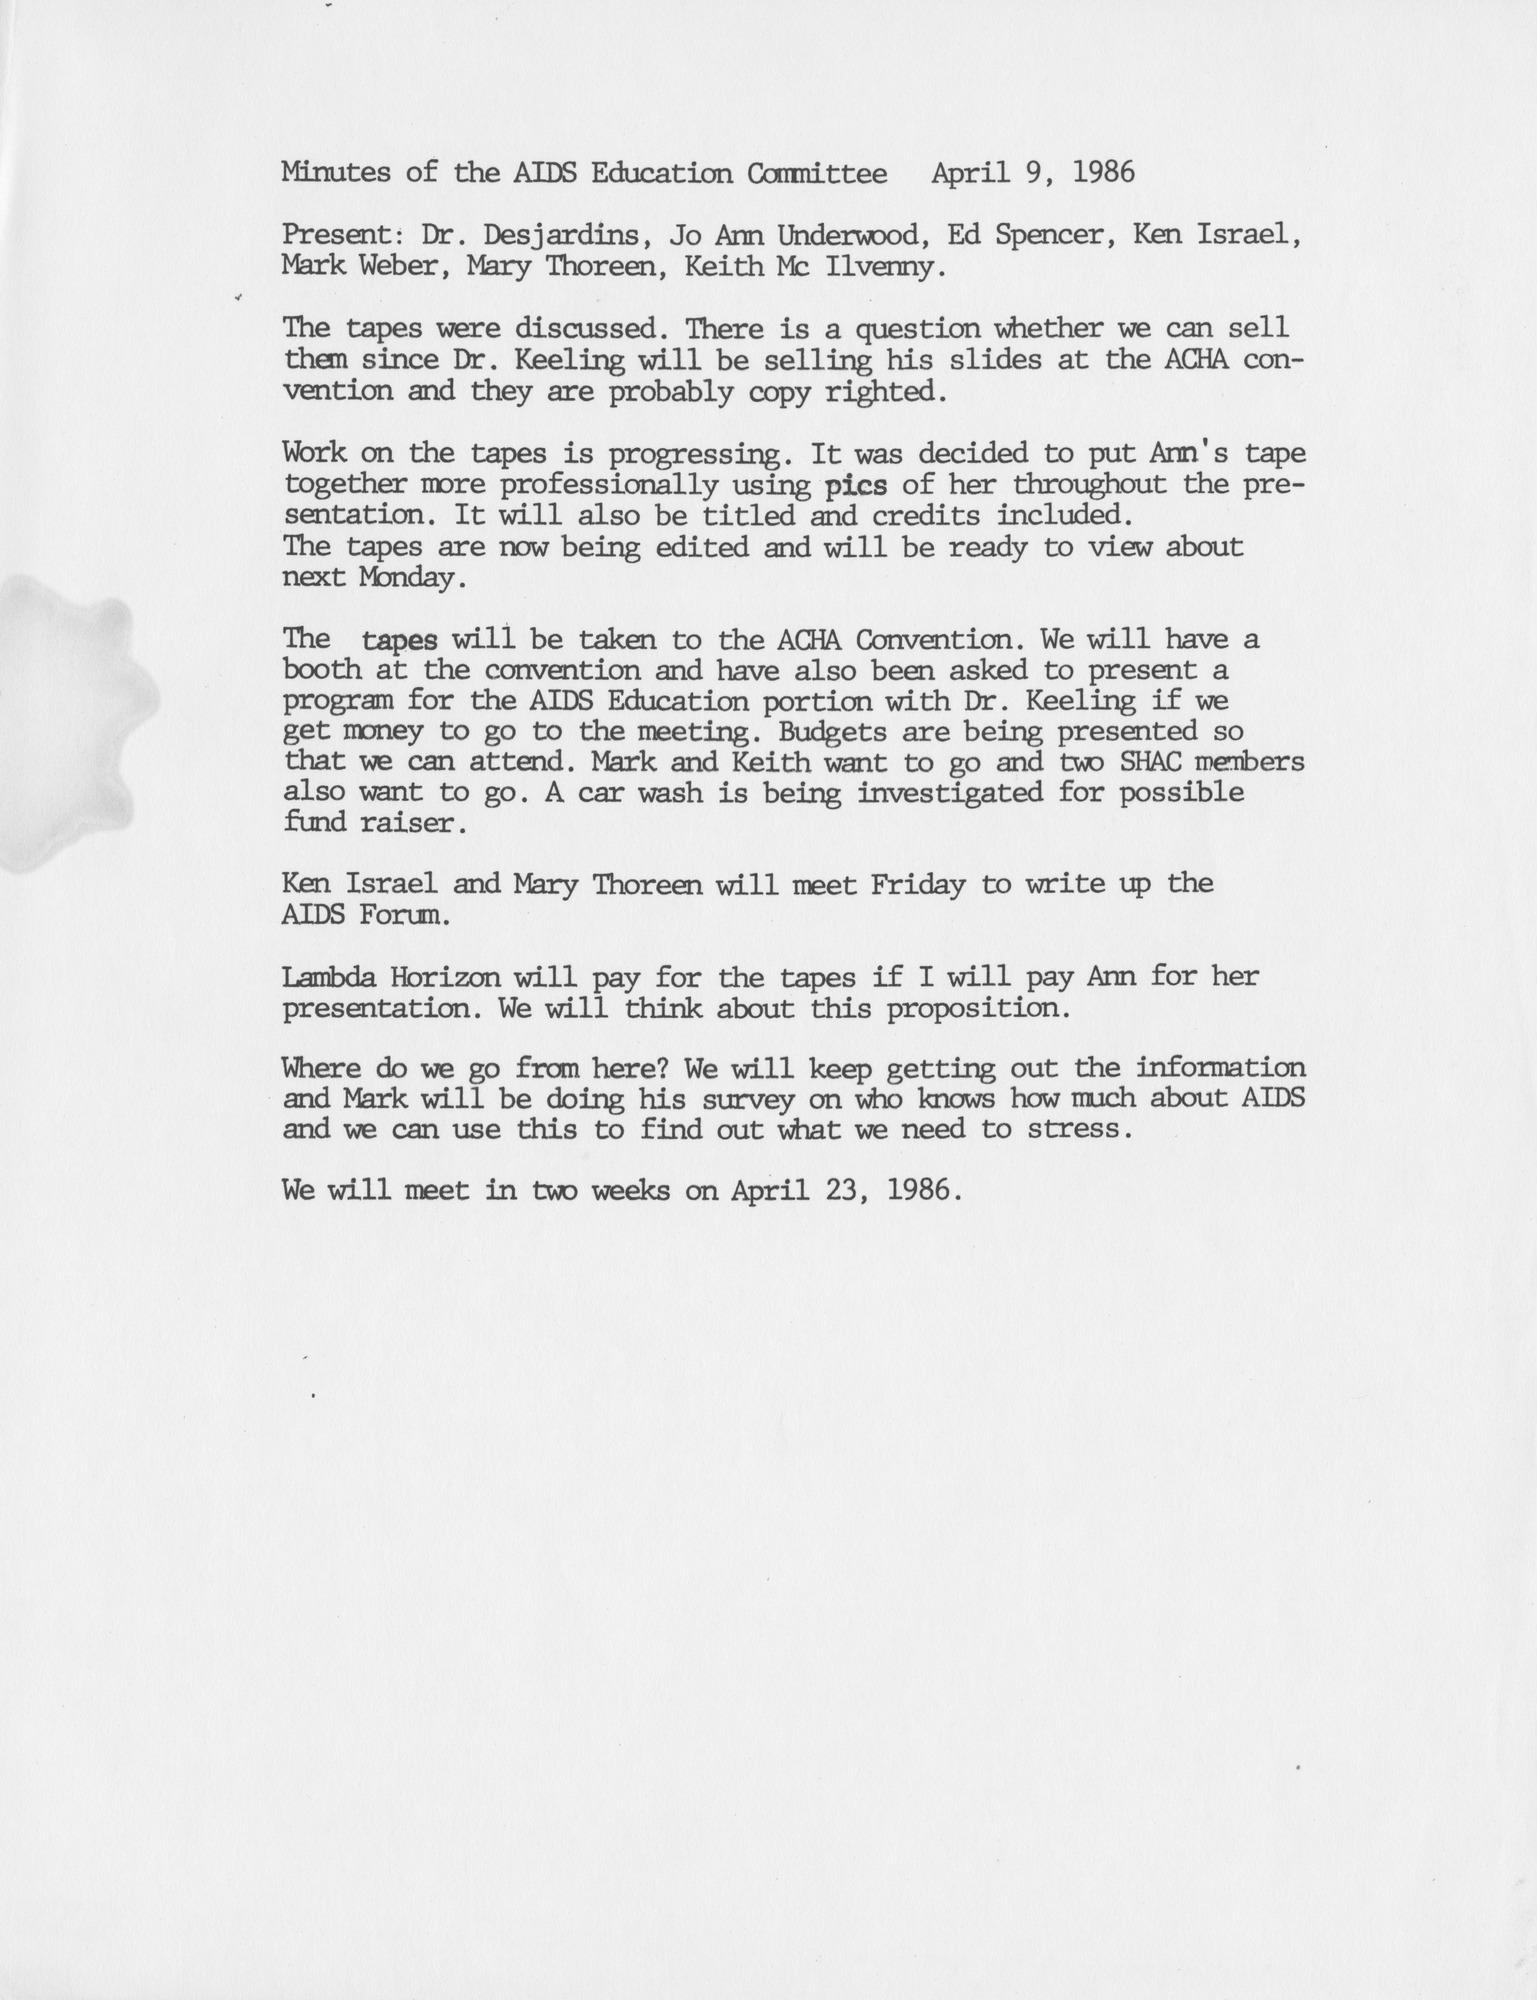 Ms2014-010_WeberMark_MinutesAIDSEducation_1986_0409.jpg